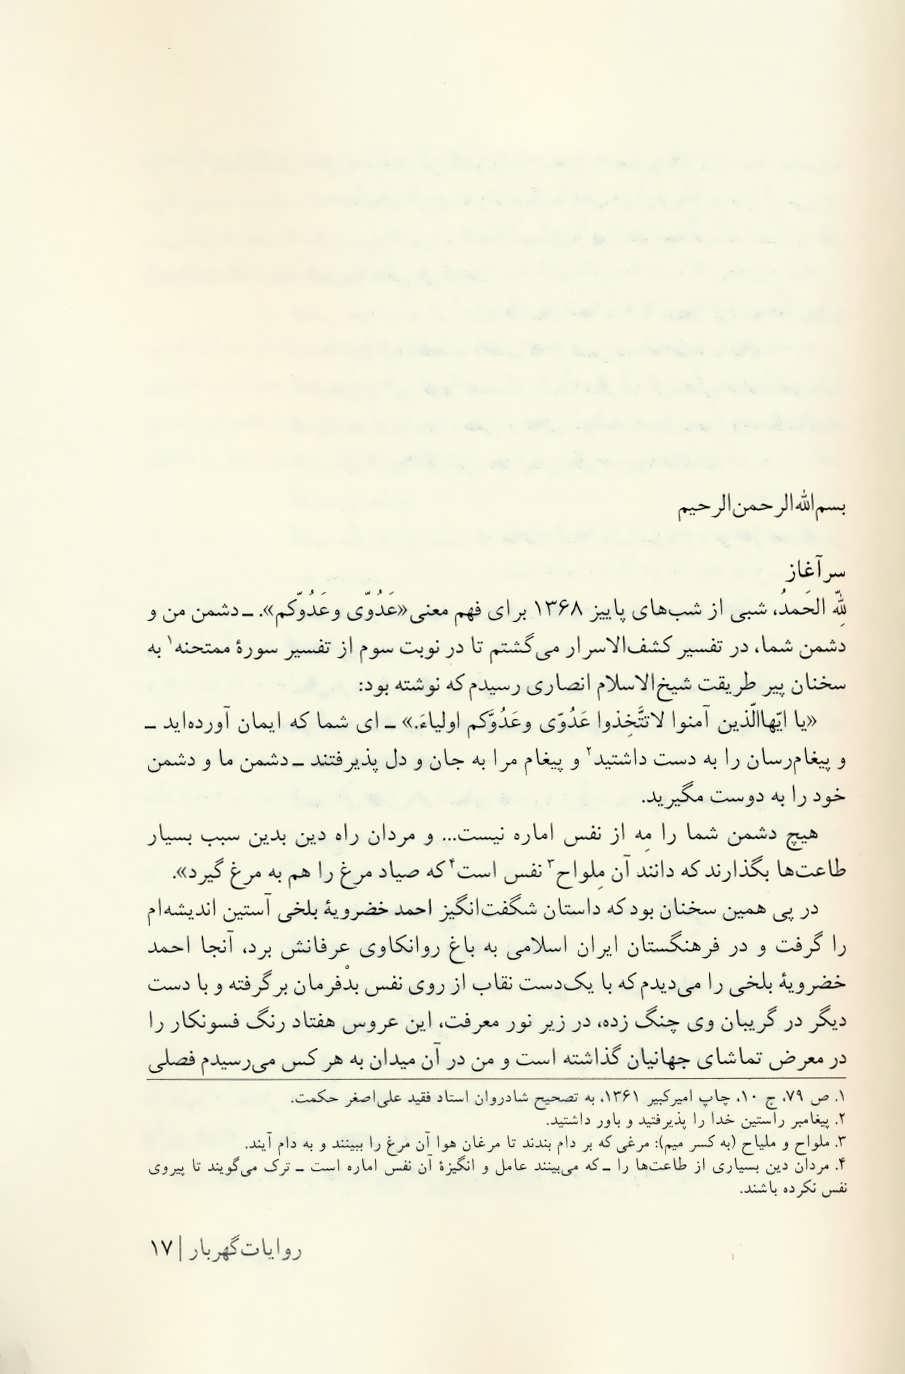 روایات گهربار (گزیده ای از تفسیر کشف الاسرار)